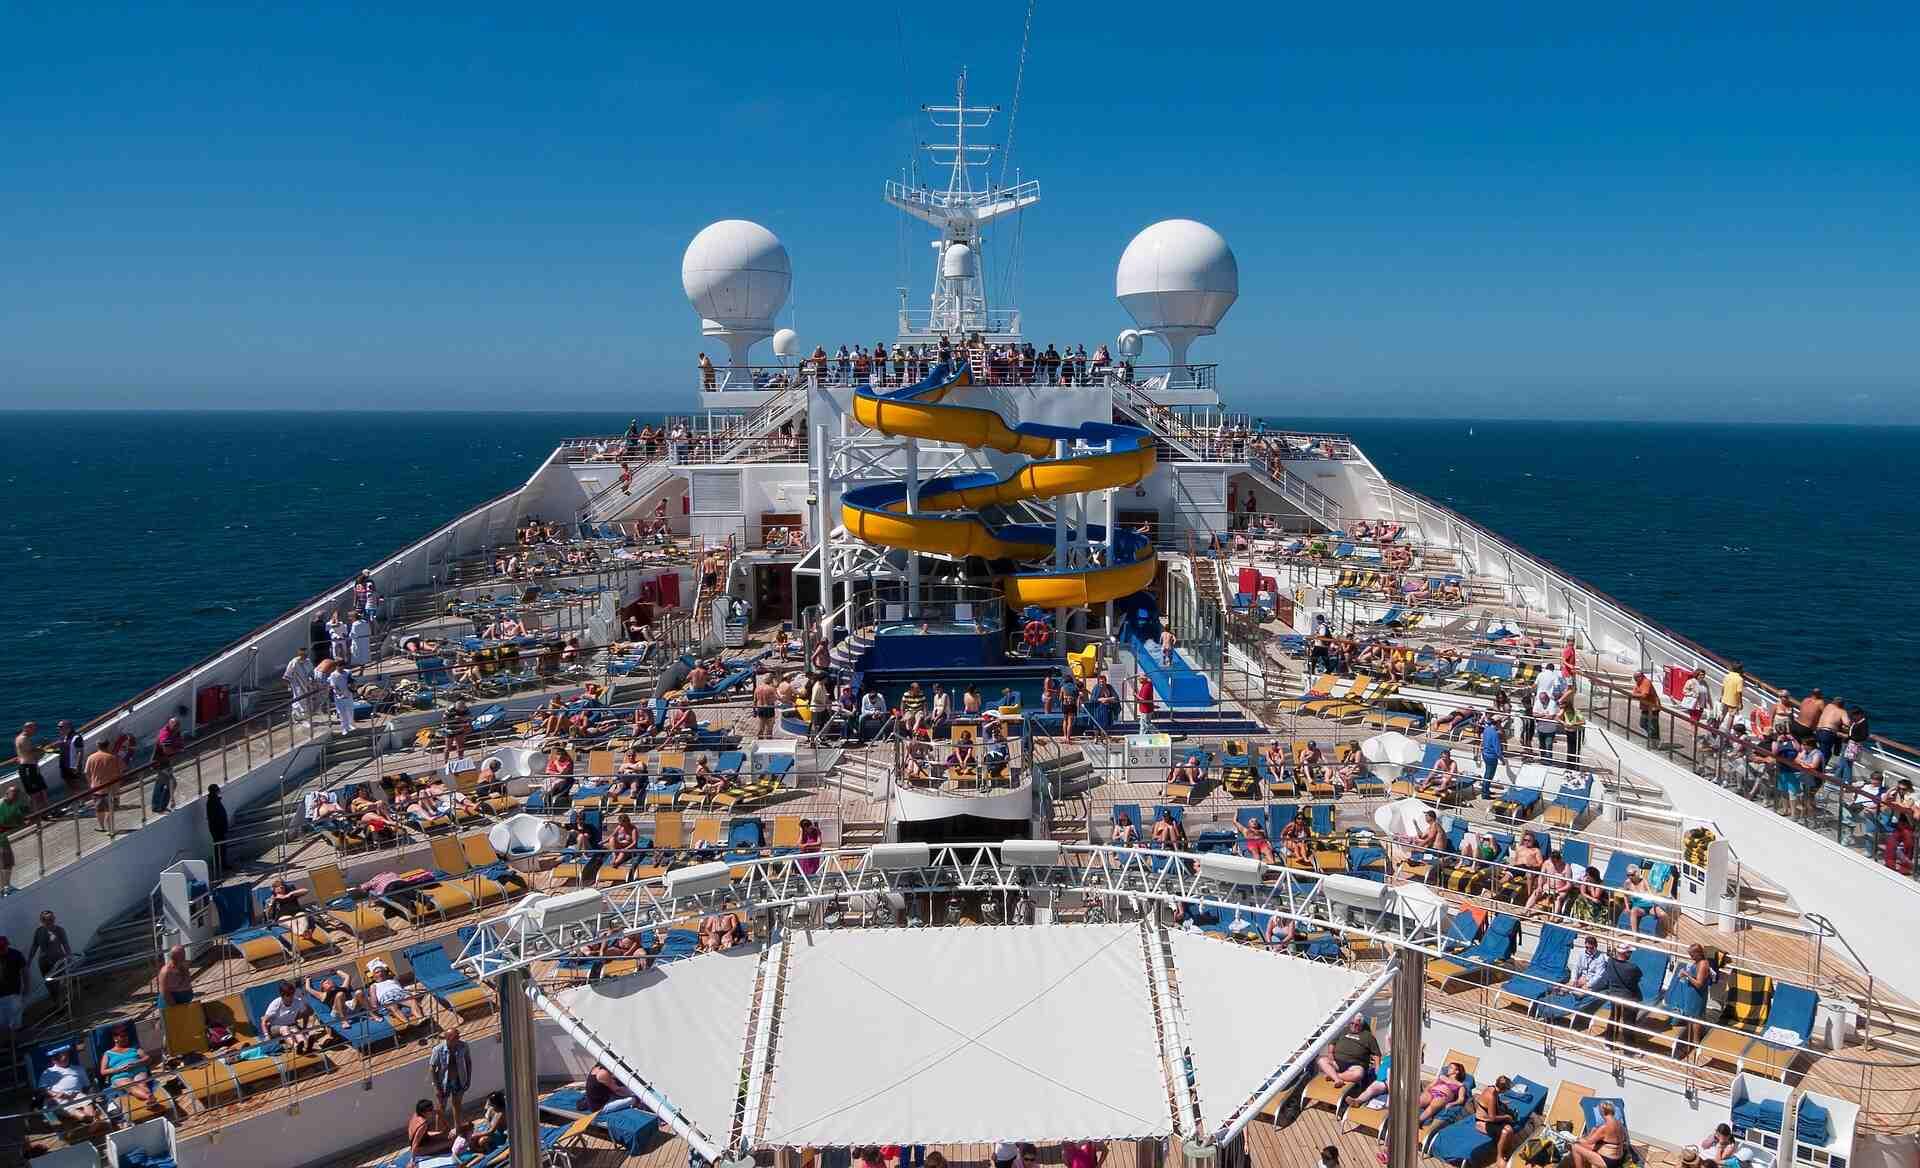 Quel est le navire de guerre le plus puissant du monde?